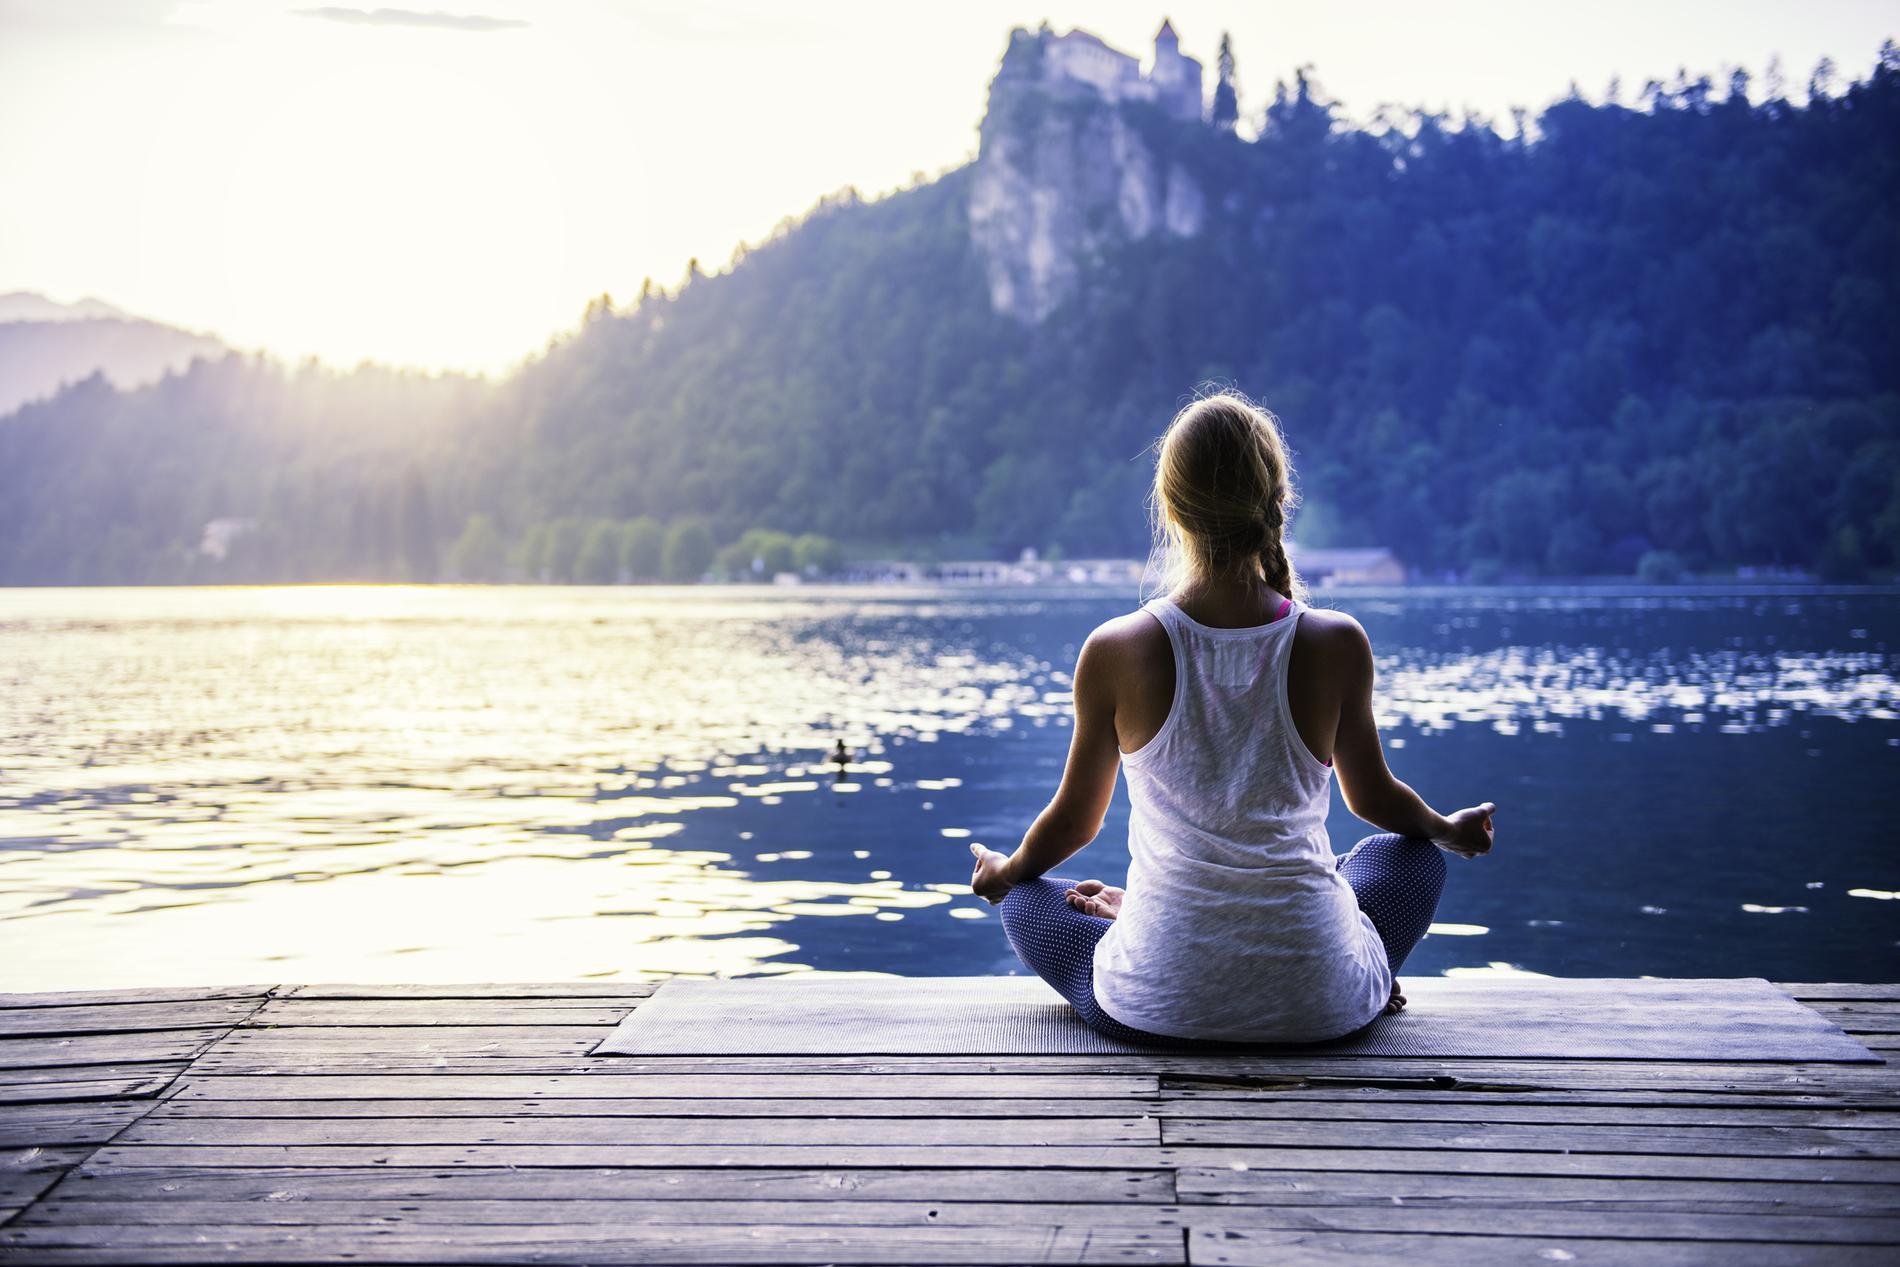 slow life comment mieux prendre soin de soi - Comment éviter le burn-out